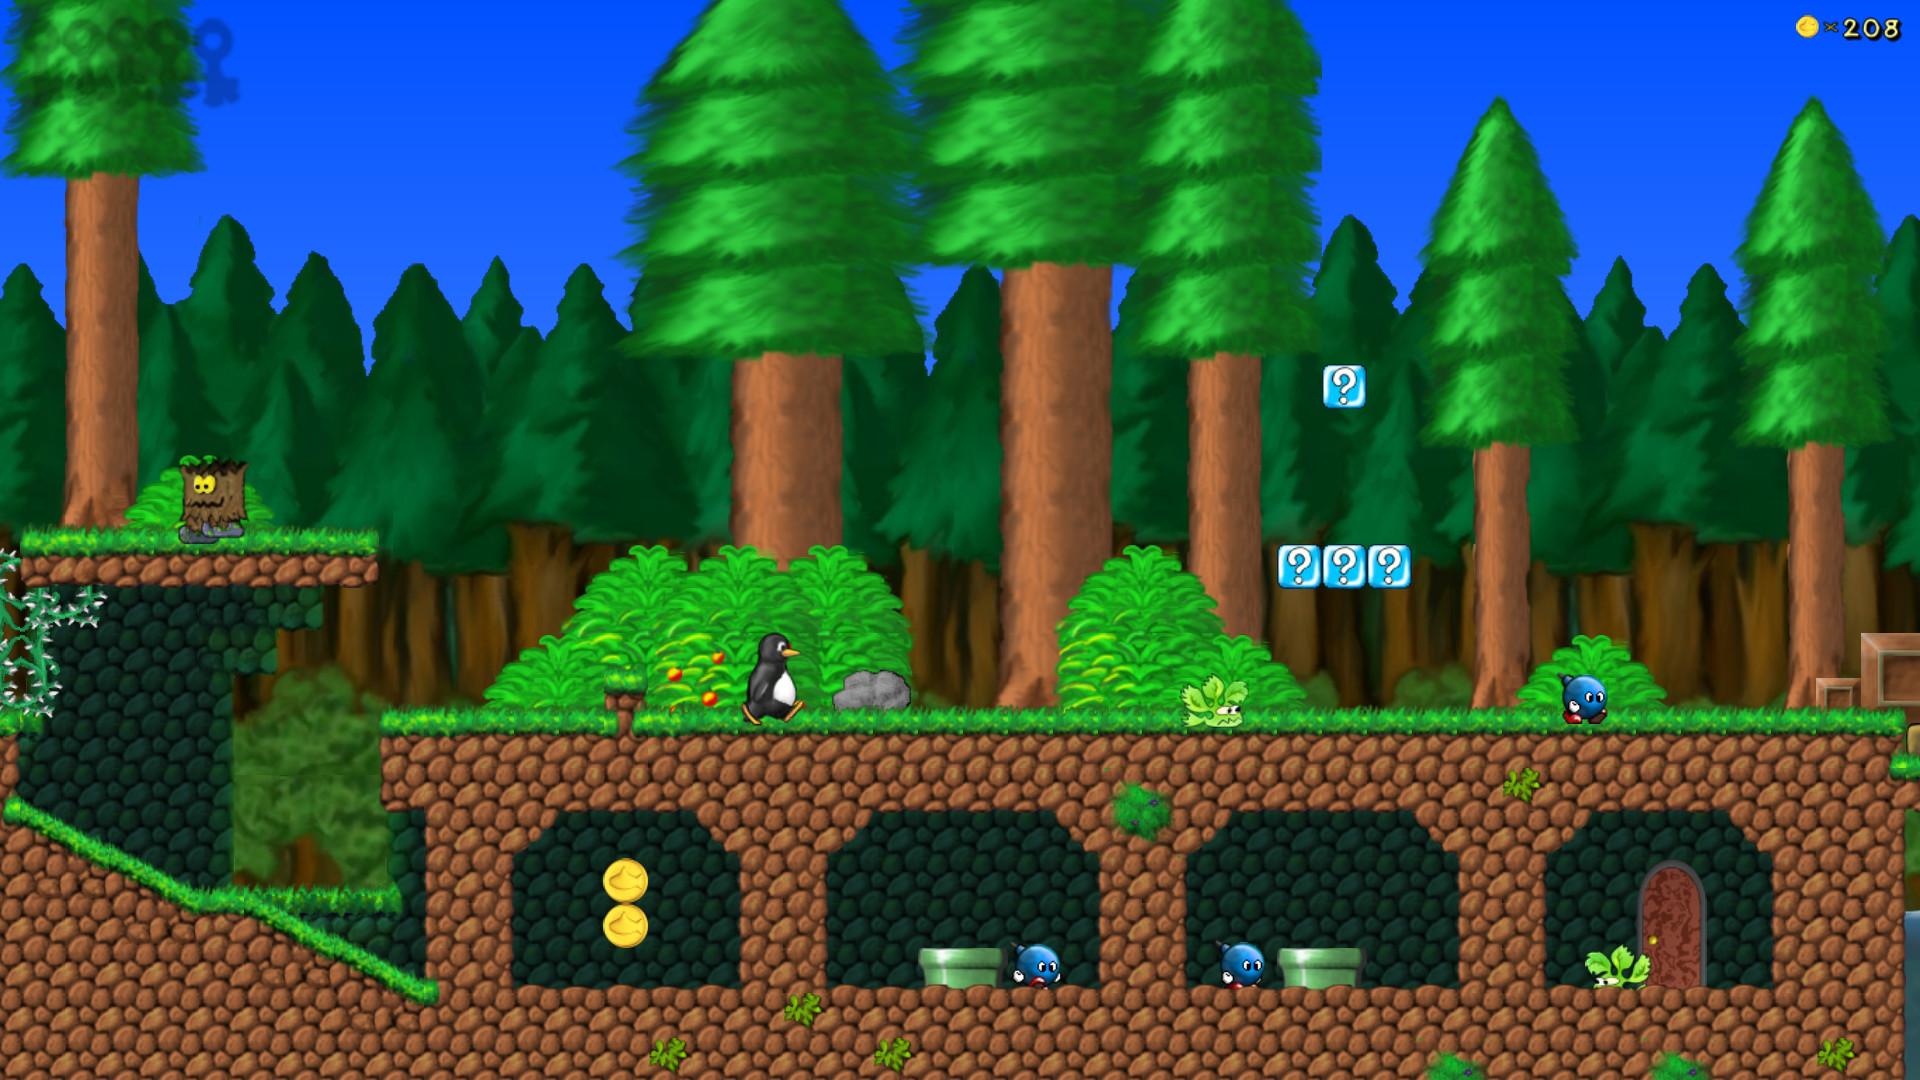 Screenshot 1 - SuperTux (Mac)